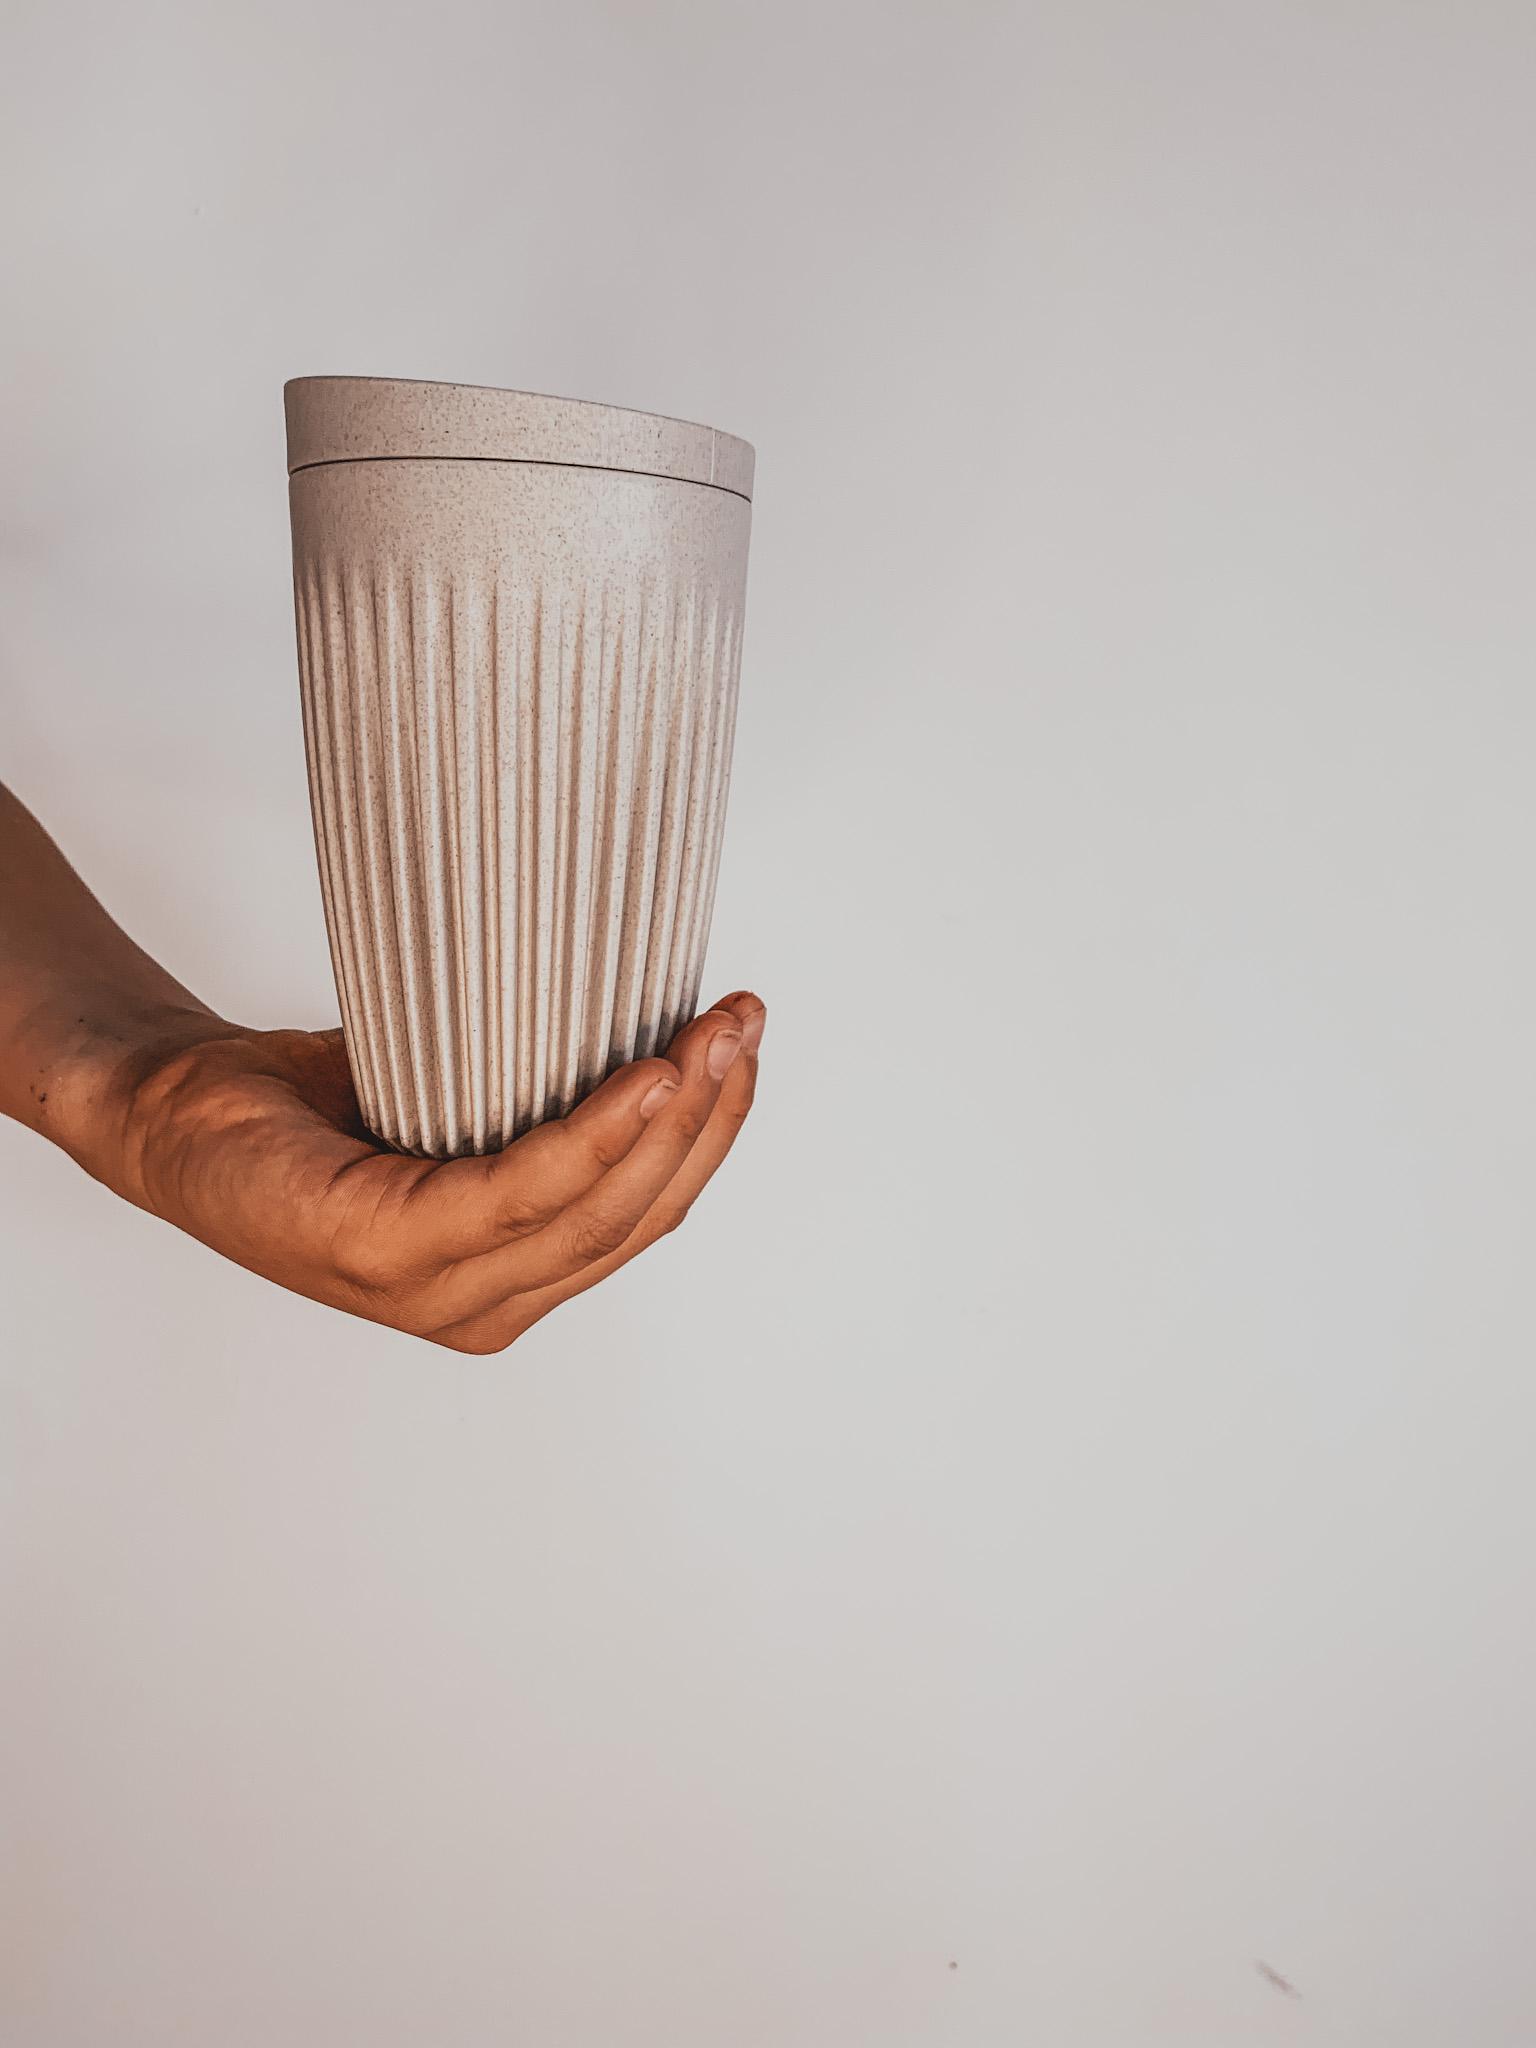 HUSKEE 12 OZ REUSABLE COFFEE CUP